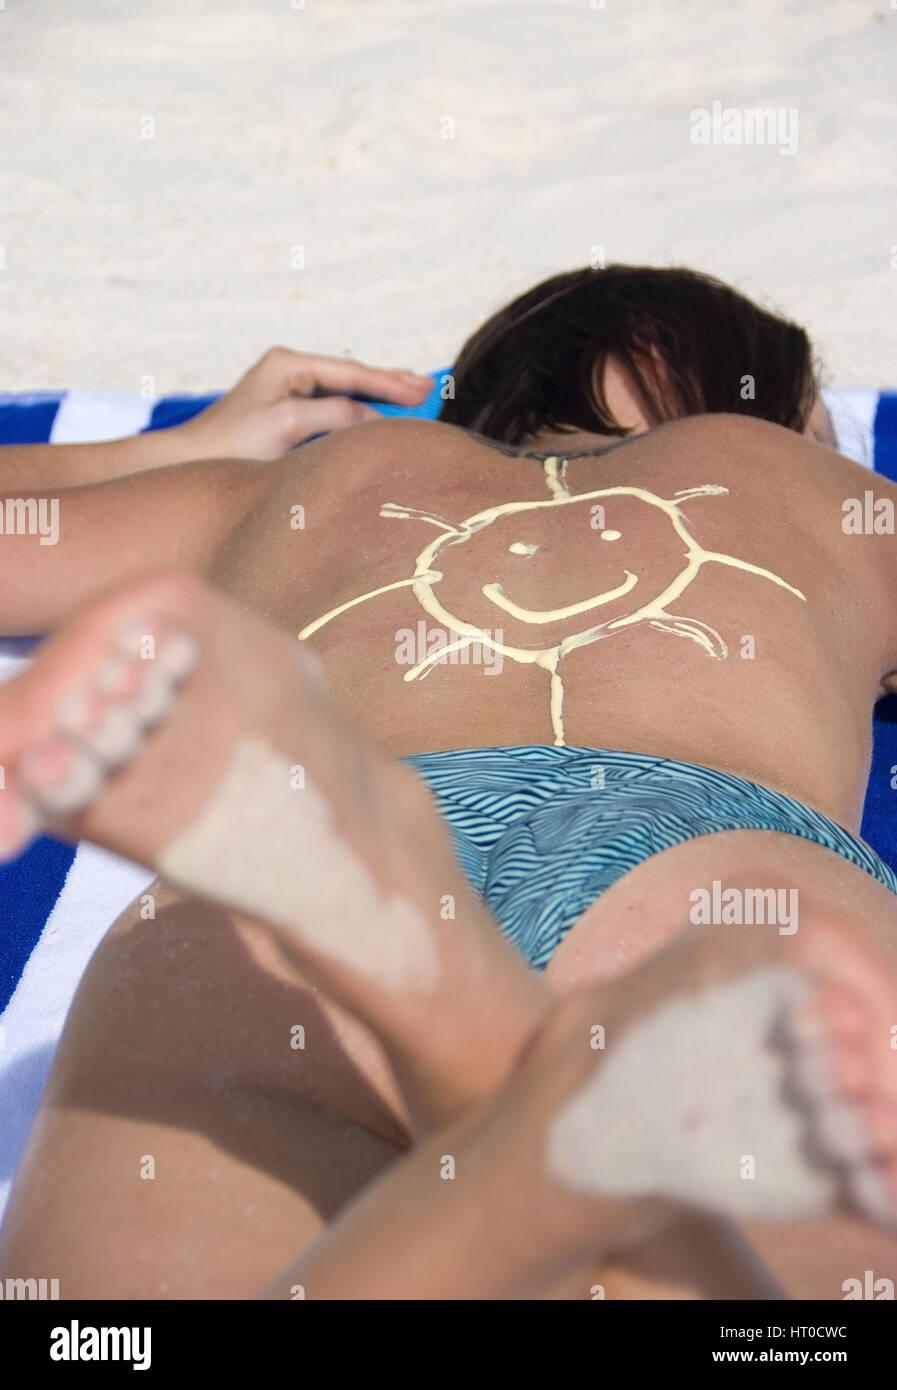 Frau beim Sonnen mit Sonnencreme in Form einer Sonne am R¸cken - woman suns with sun care Stock Photo